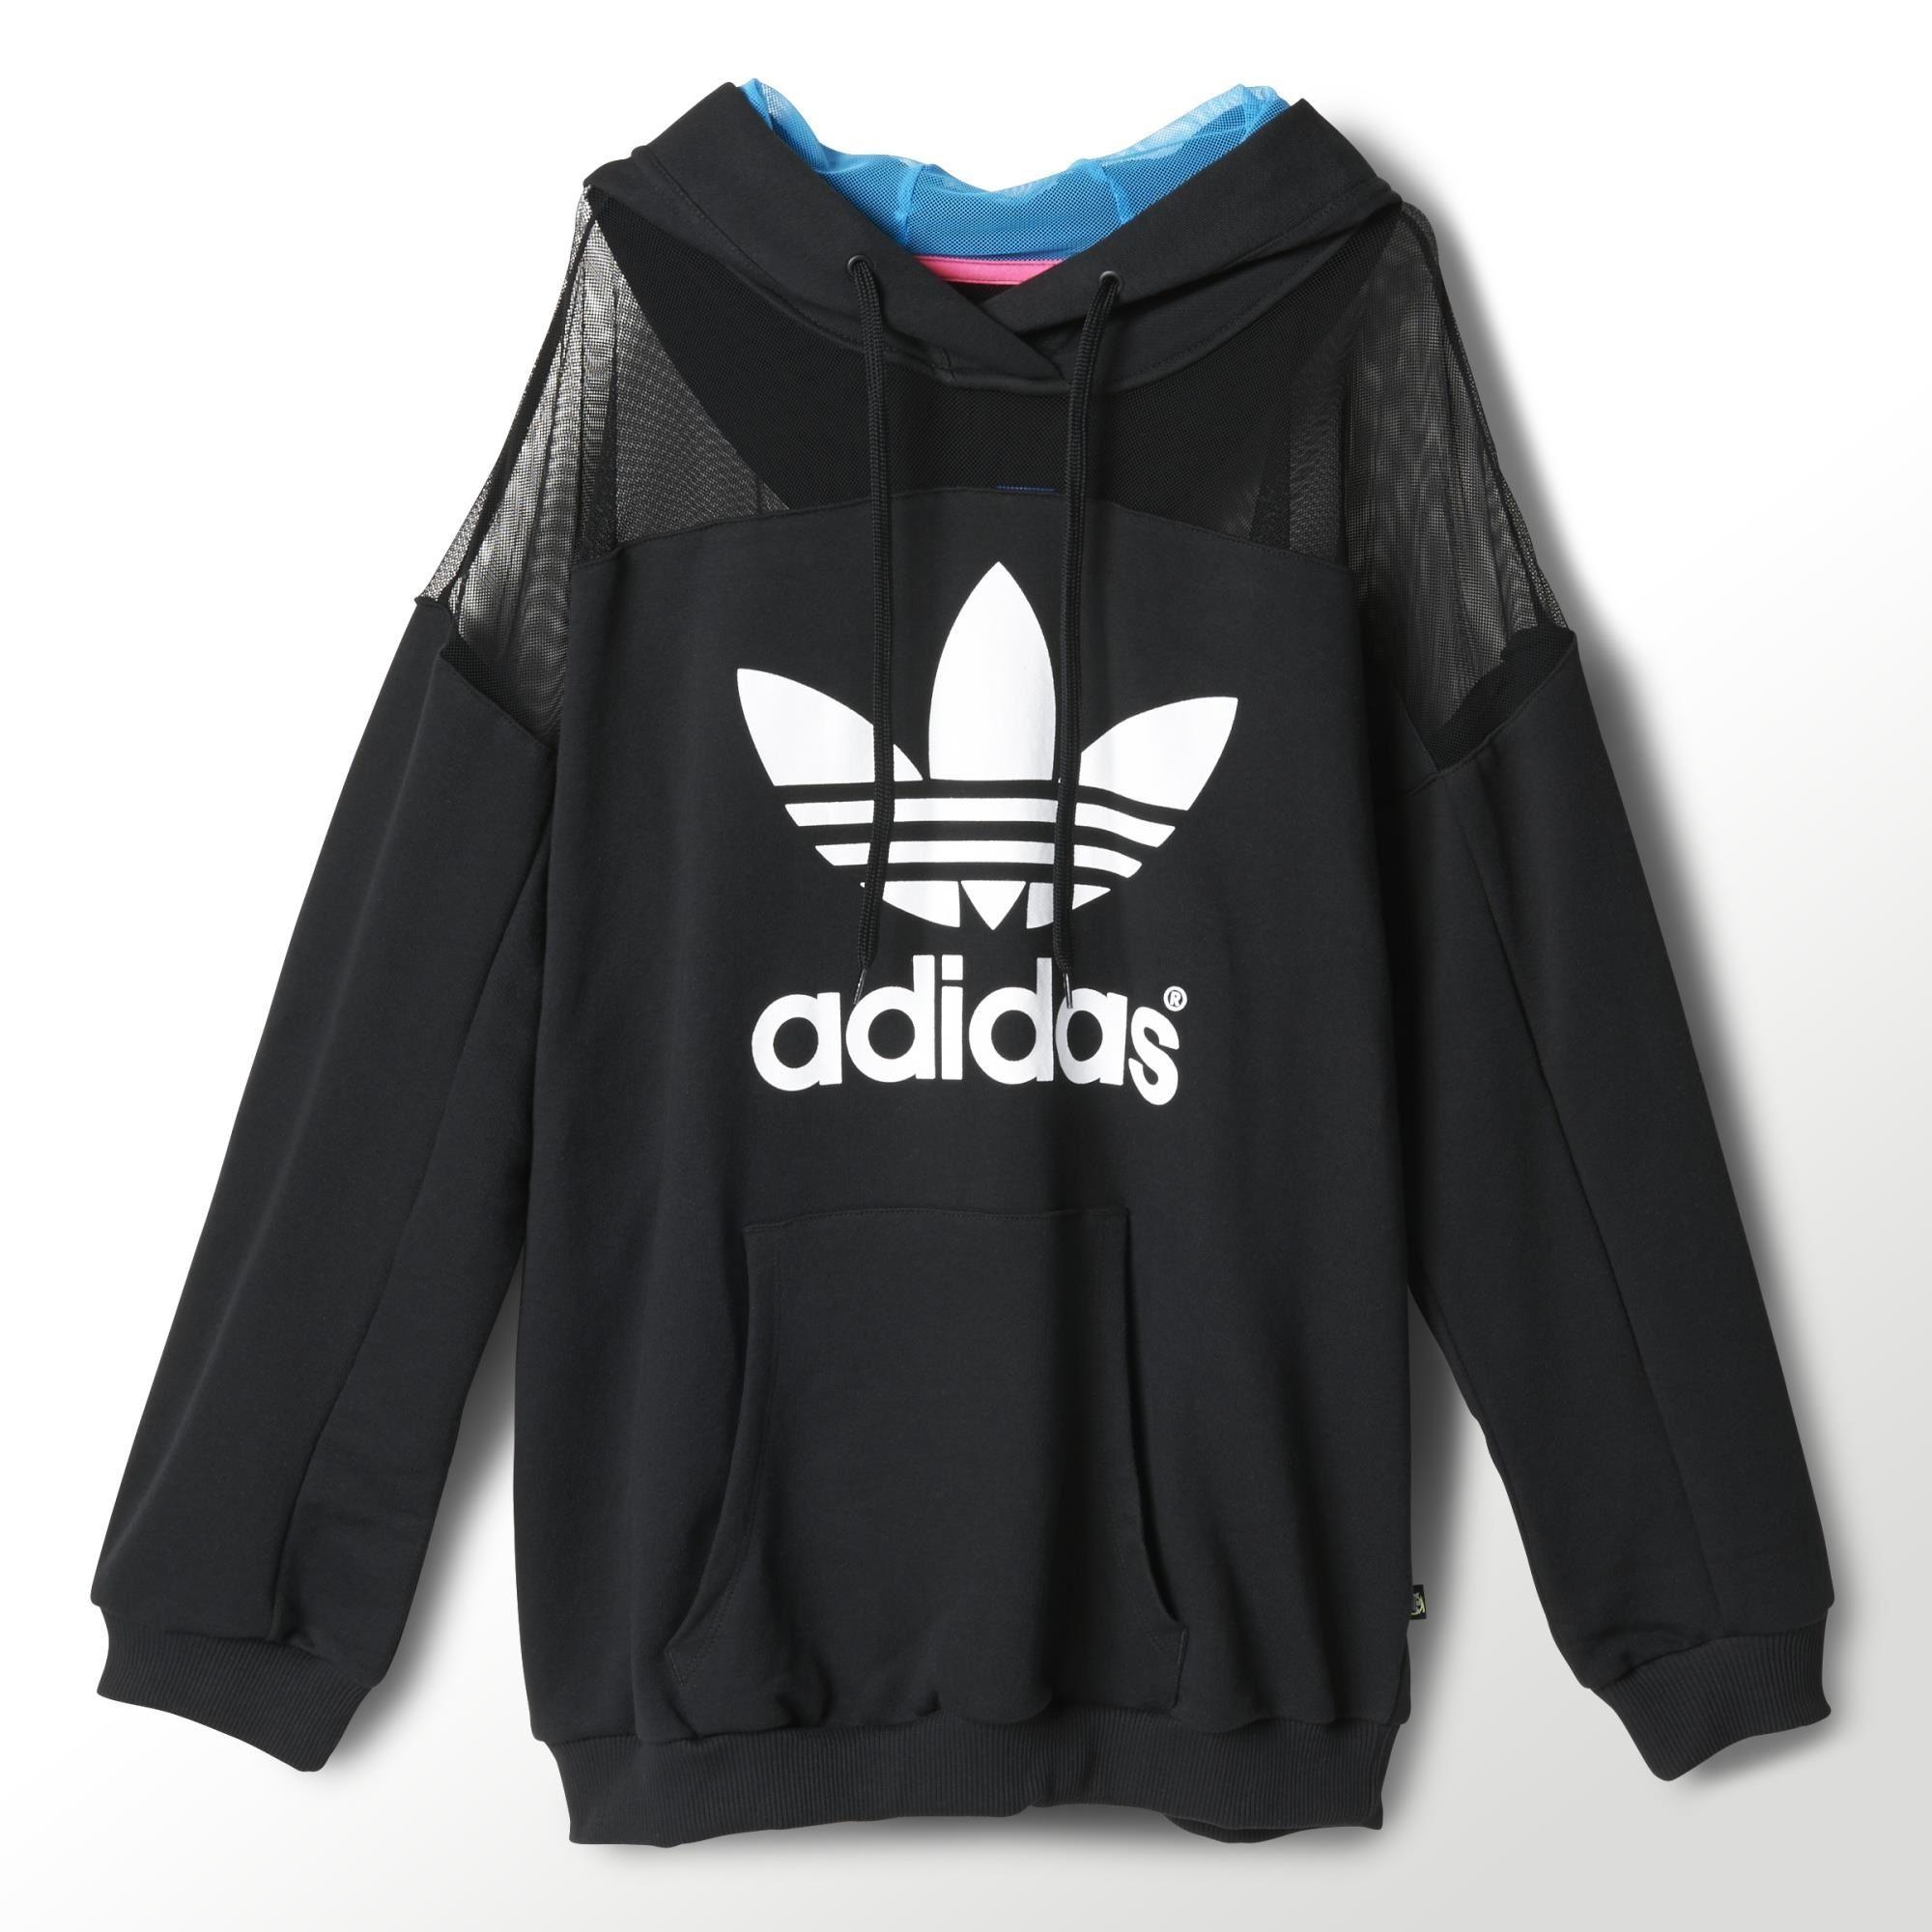 Adidas sudadera con capucha con rita ora sudadera adidas con logo